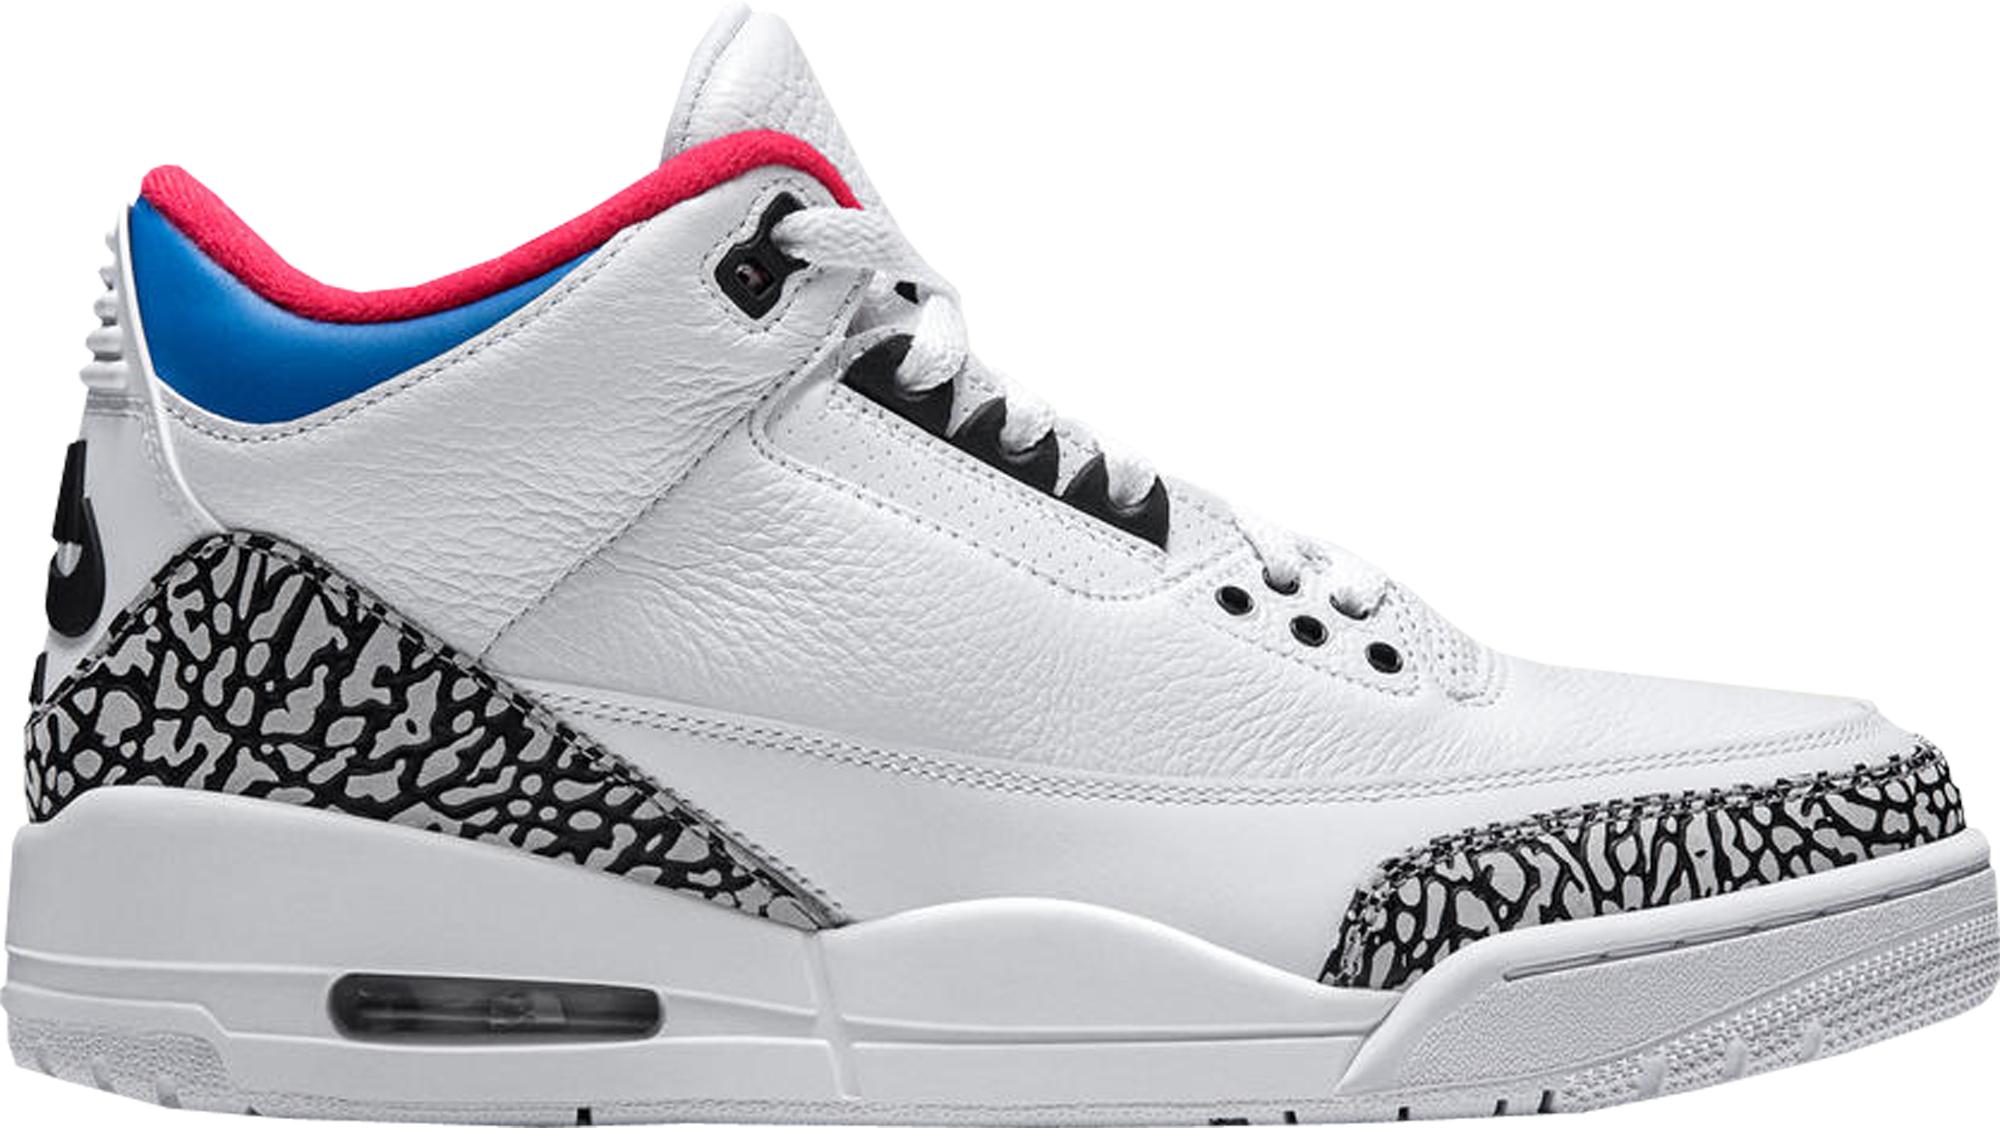 Air Jordan 3 Retros À Vendre